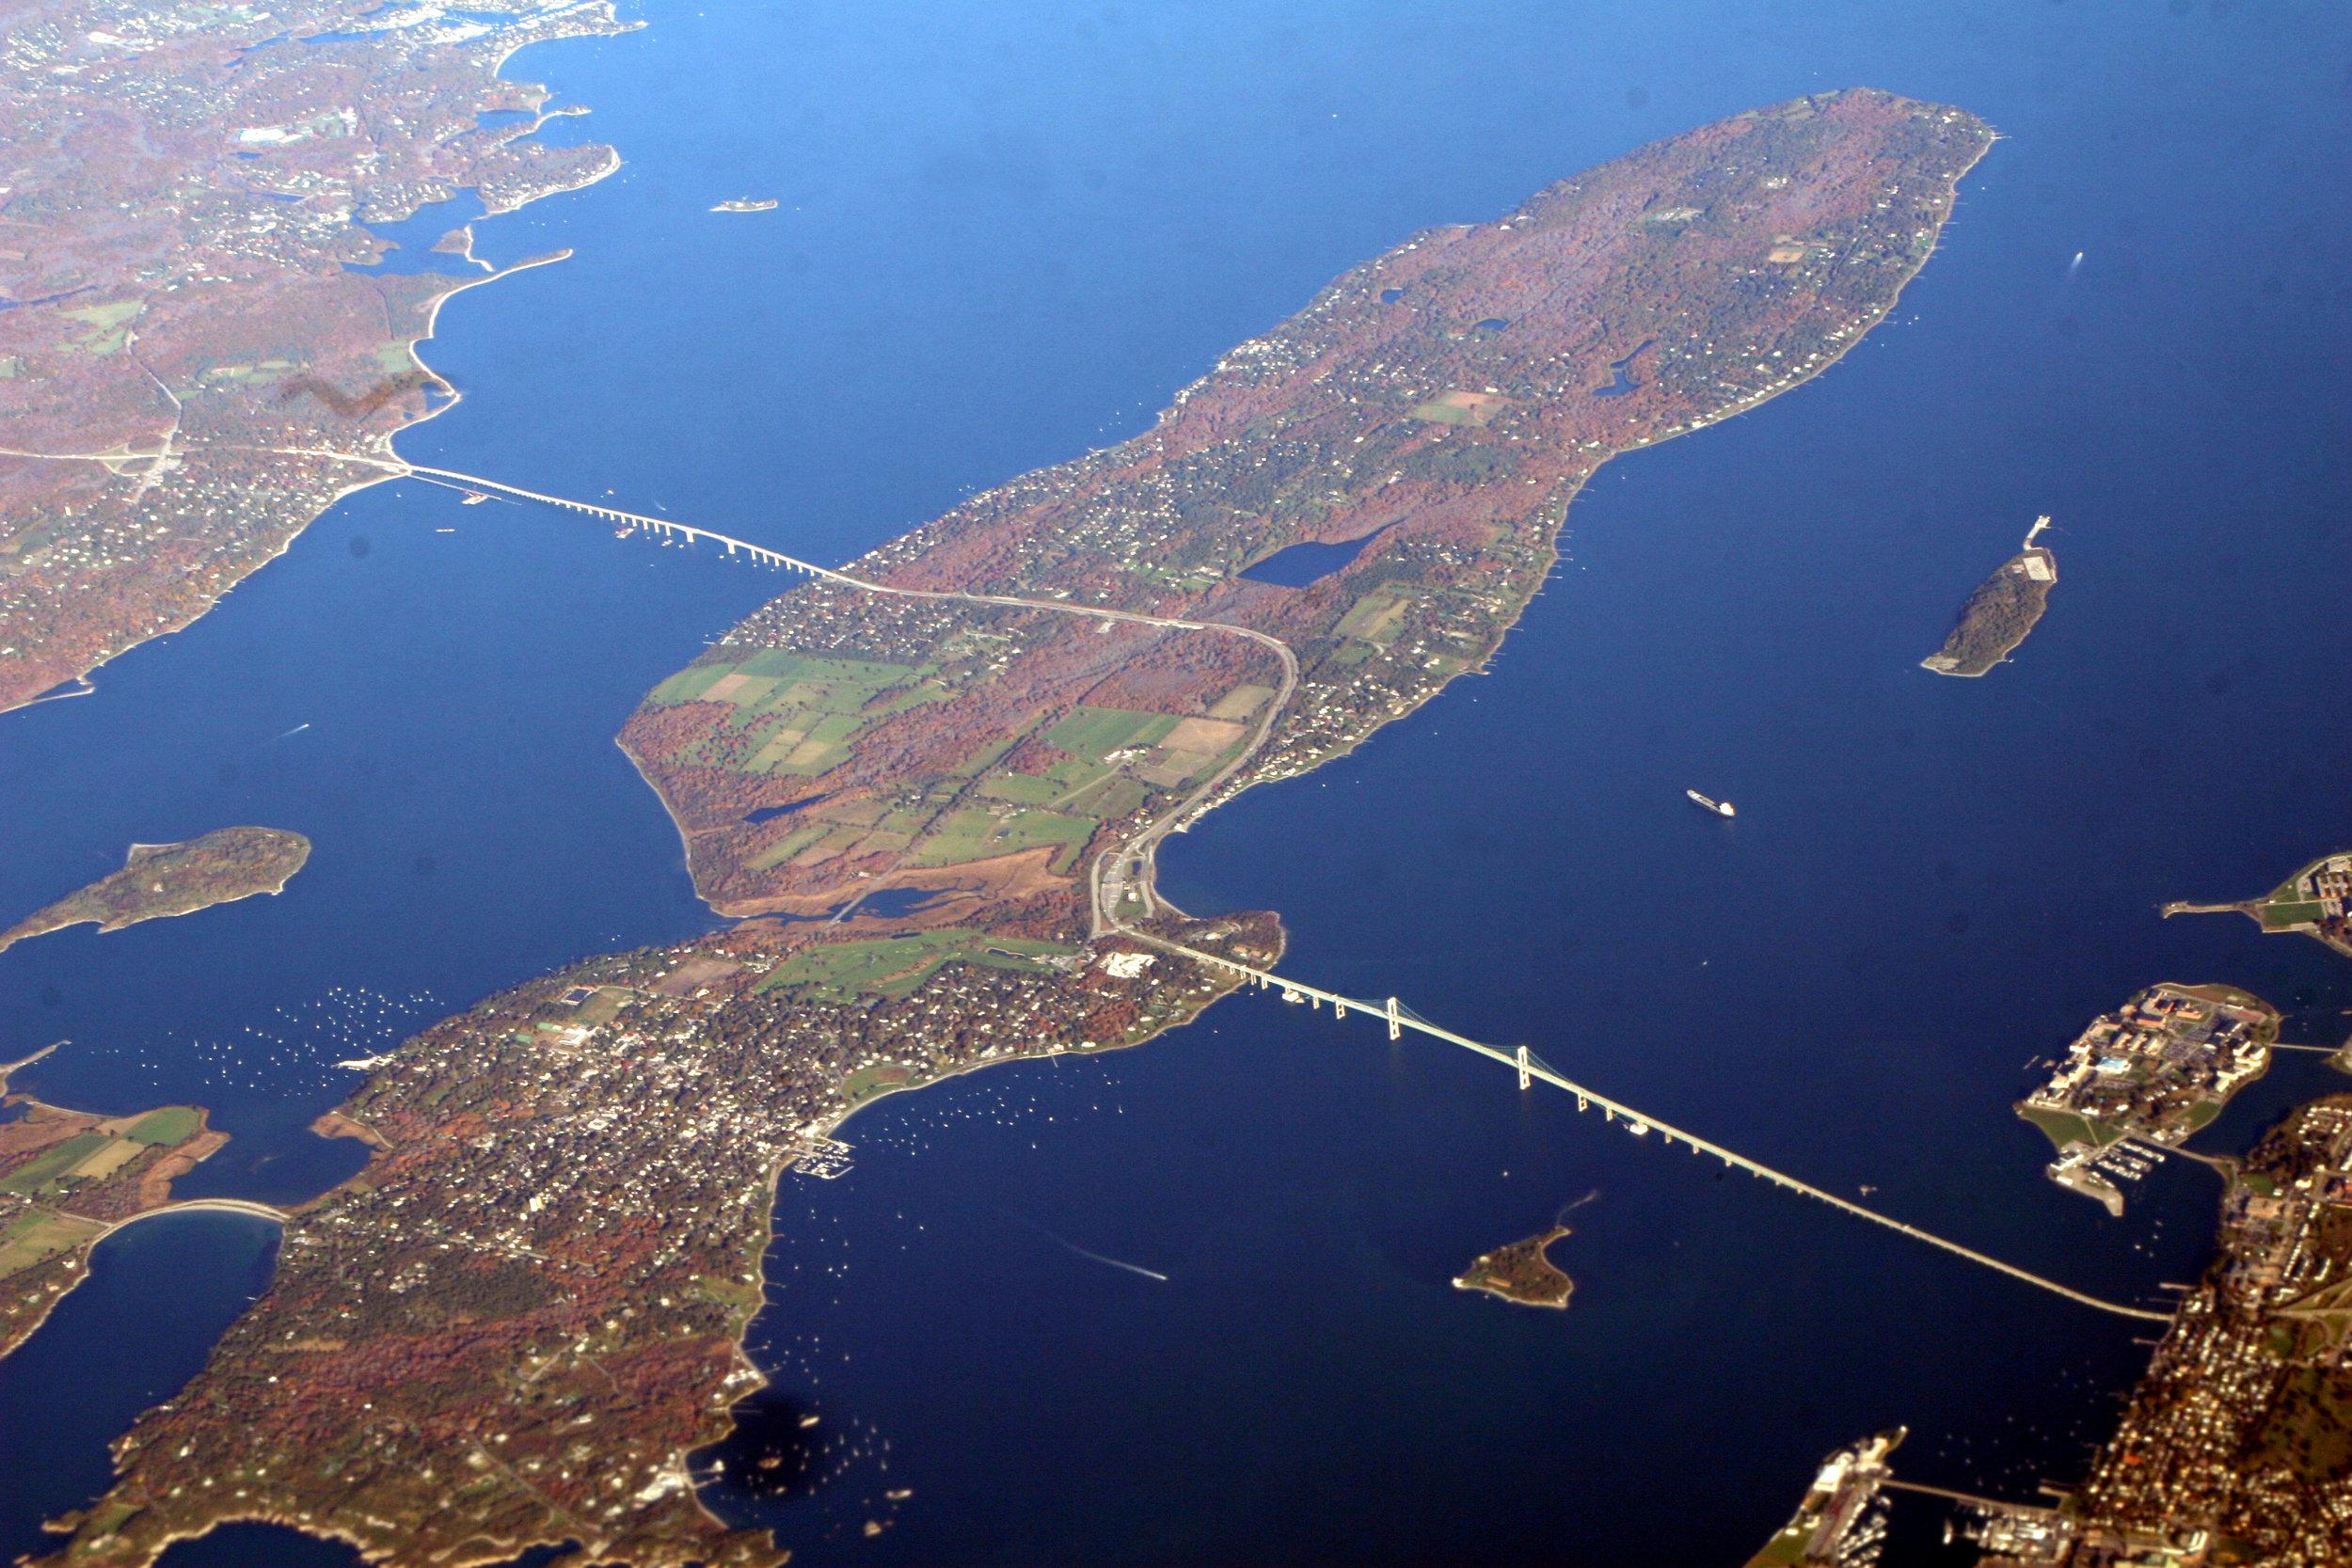 Newport_Bridge,_Narragansett_Bay.jpg